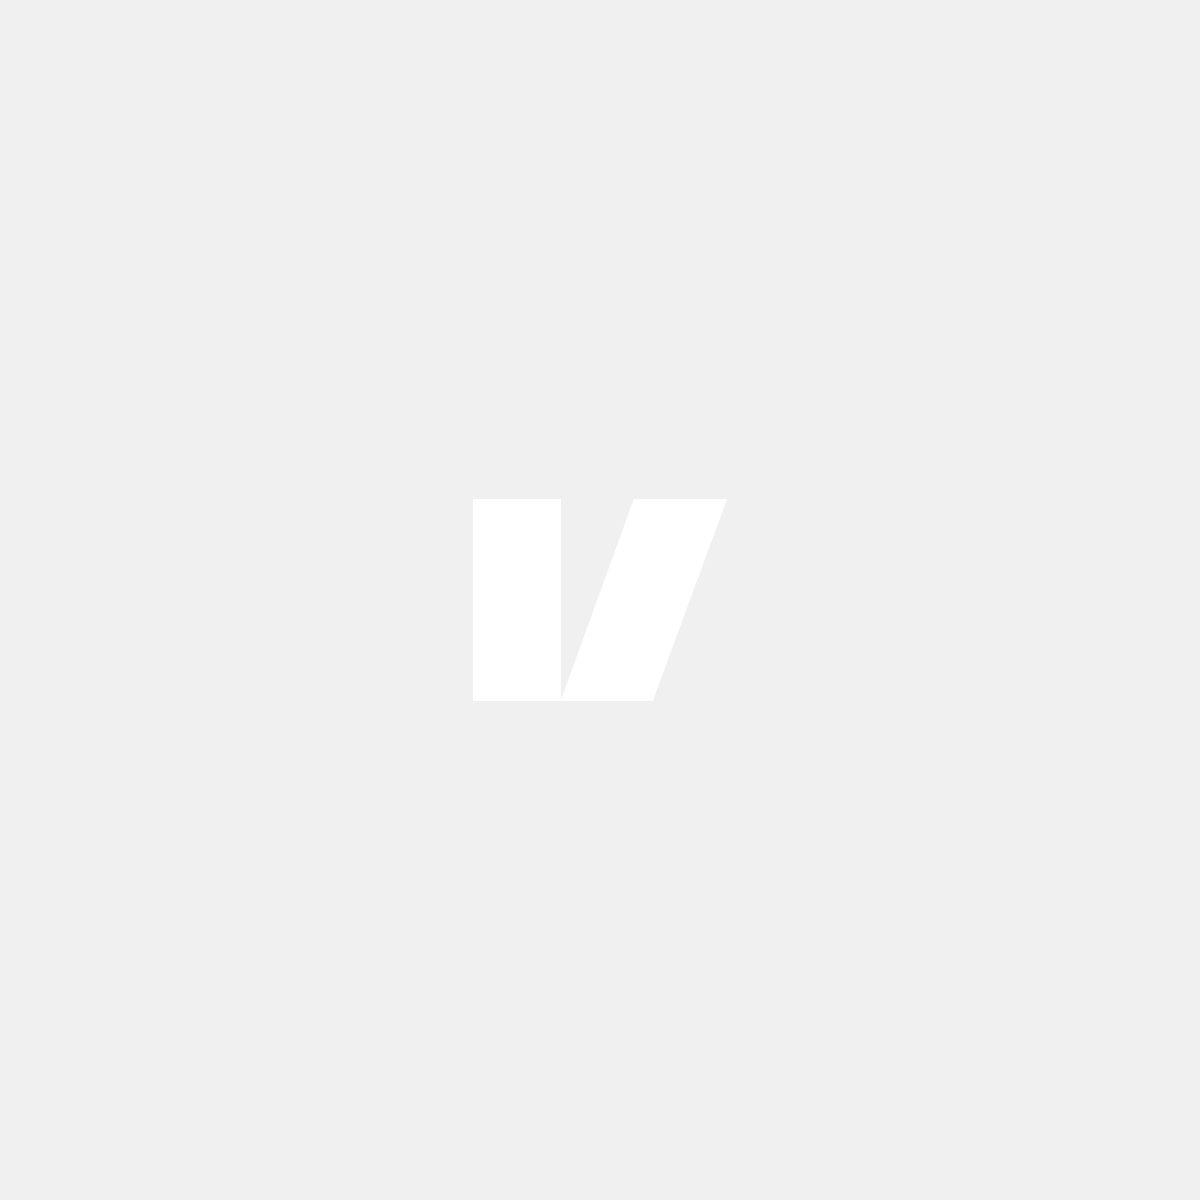 JR Sportluftfilterkit till Volvo 850, S70, V70, C70